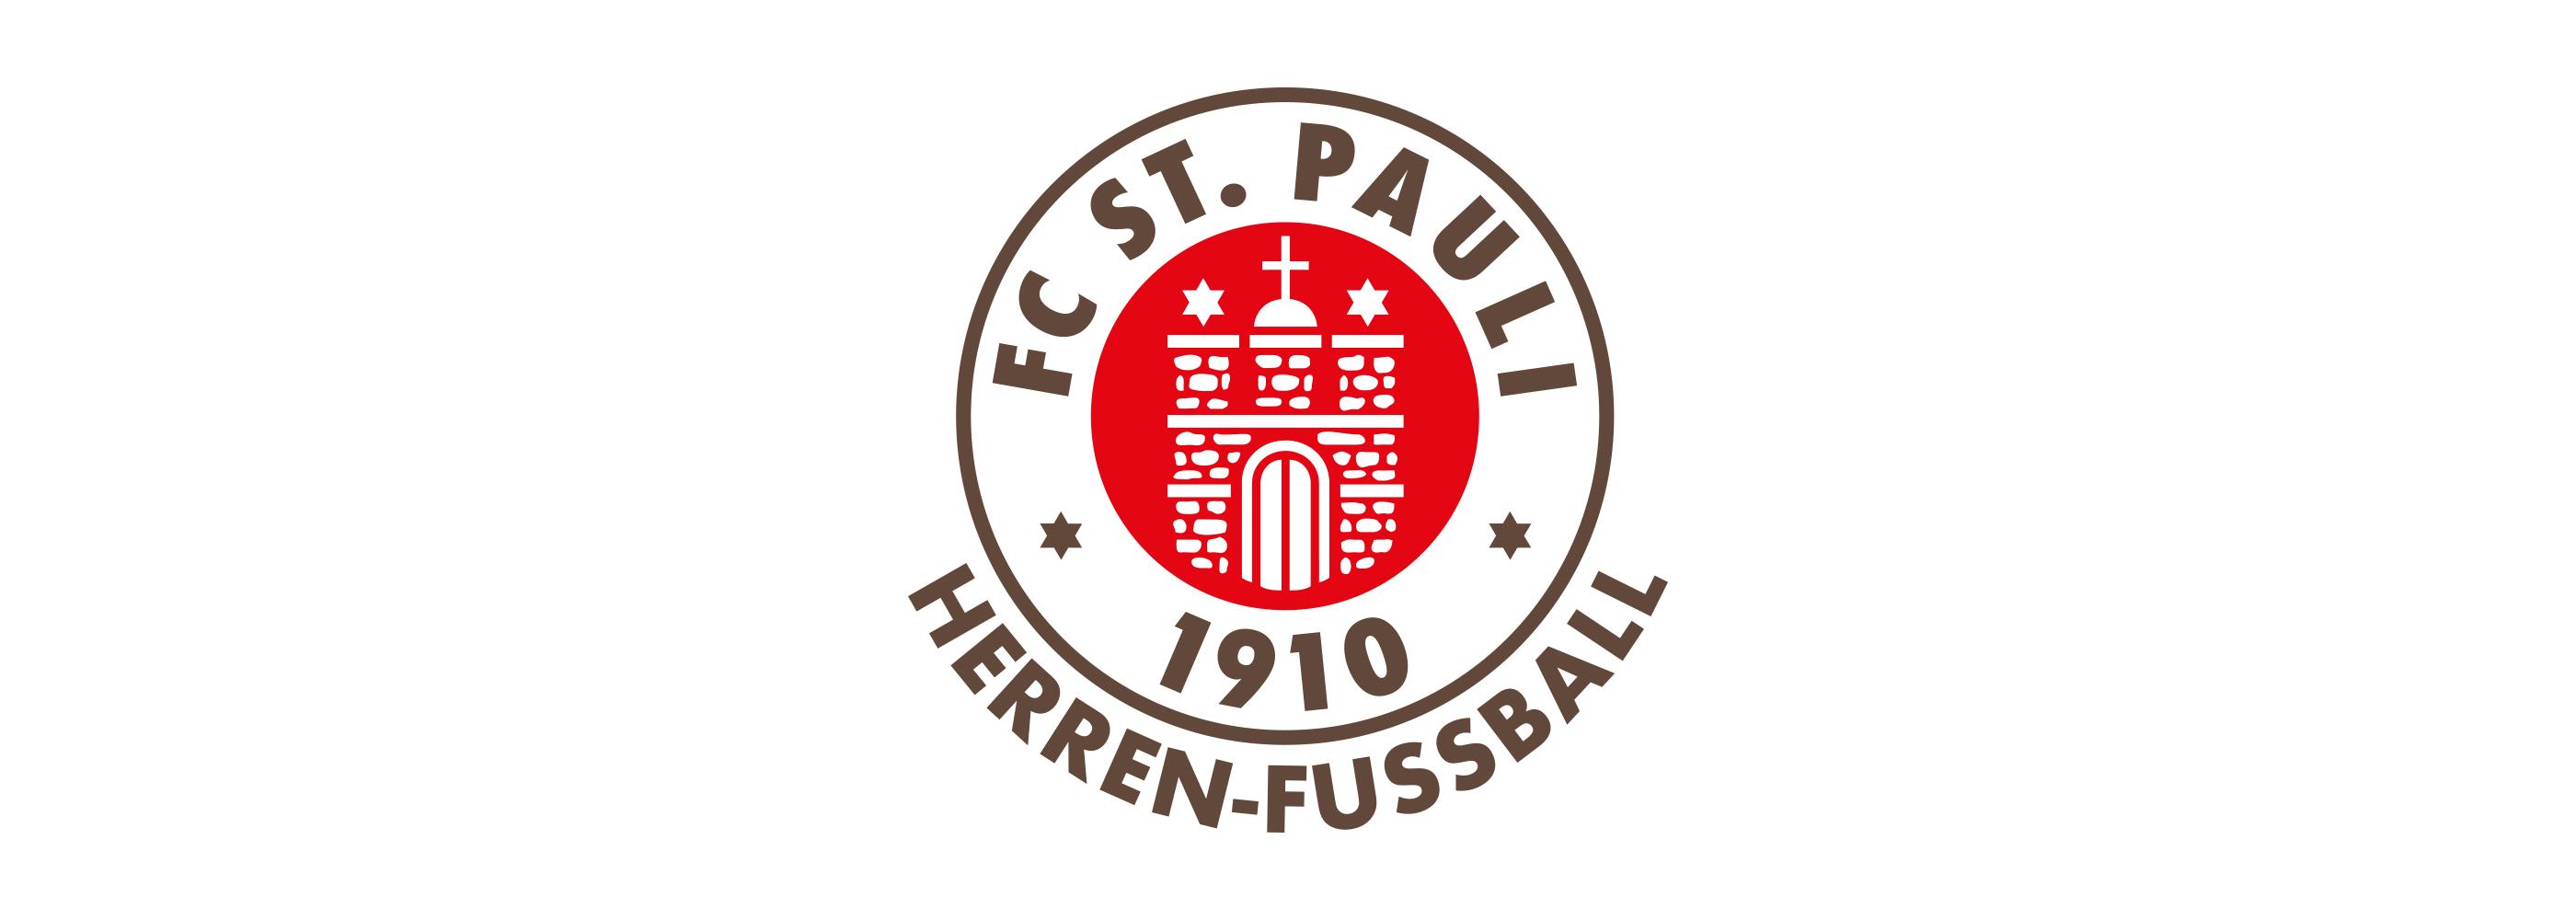 Abteilung Herrenfussball lädt zur ordentlichen Abteilungssitzung 2019 ein